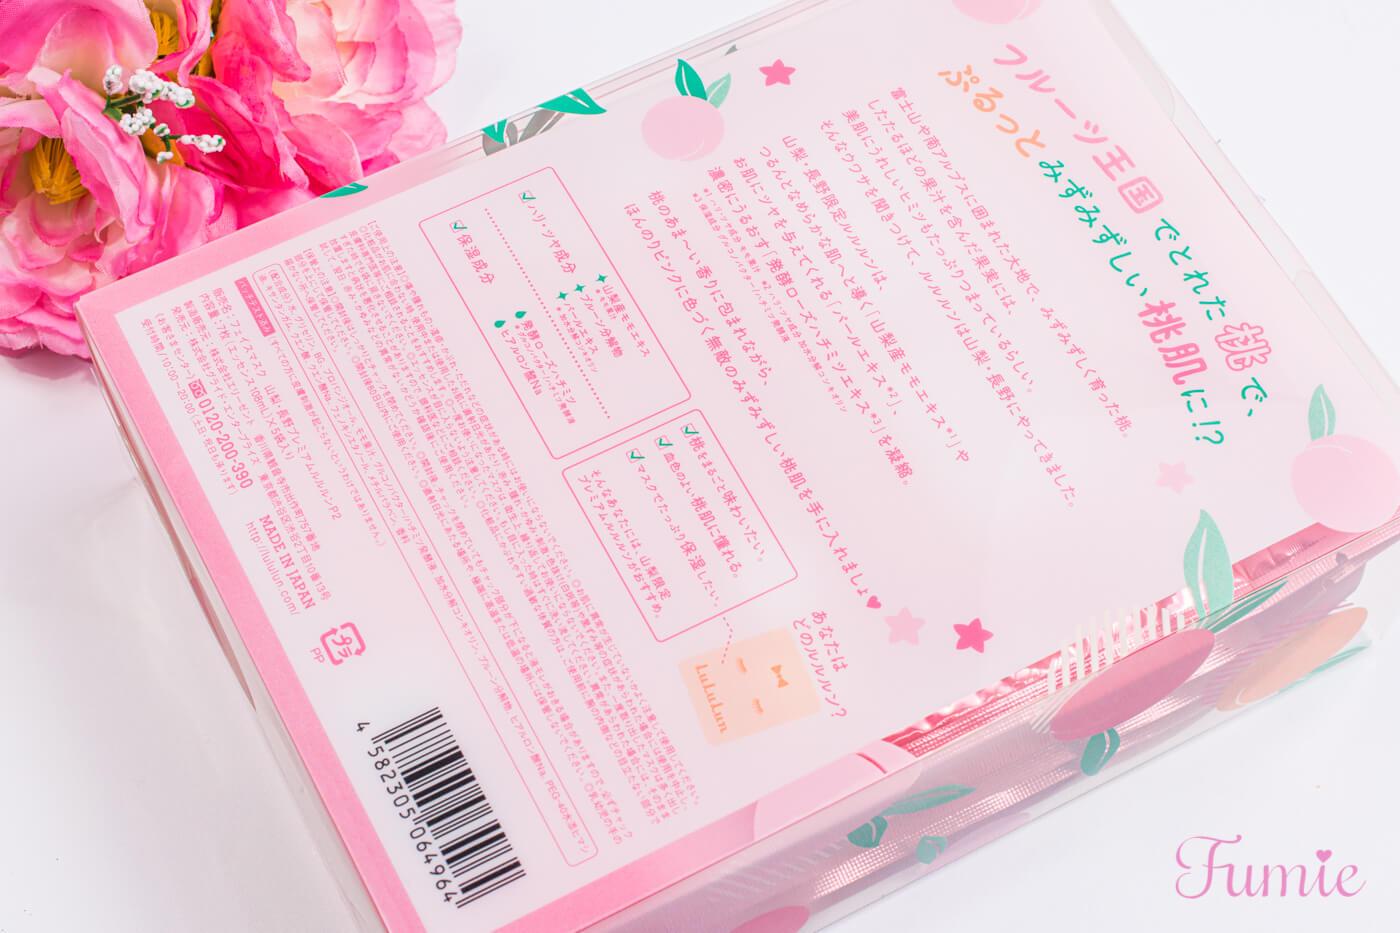 山梨・長野のプレミアムルルルン(桃の香り) 7枚入り×5袋 パッケージ裏面